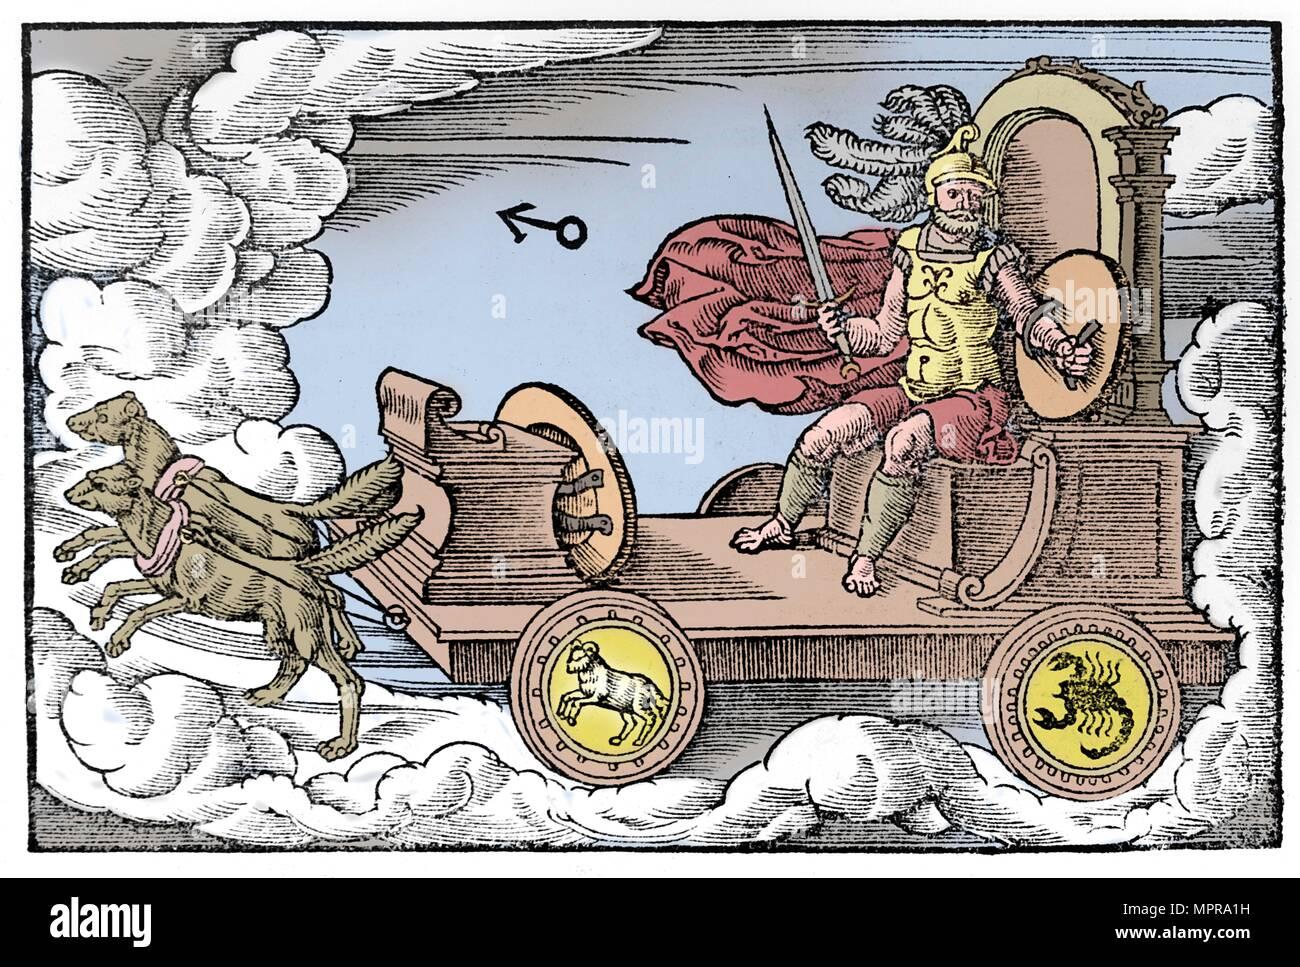 Mars, Roman god of war, 1569. Artist: Anon. - Stock Image